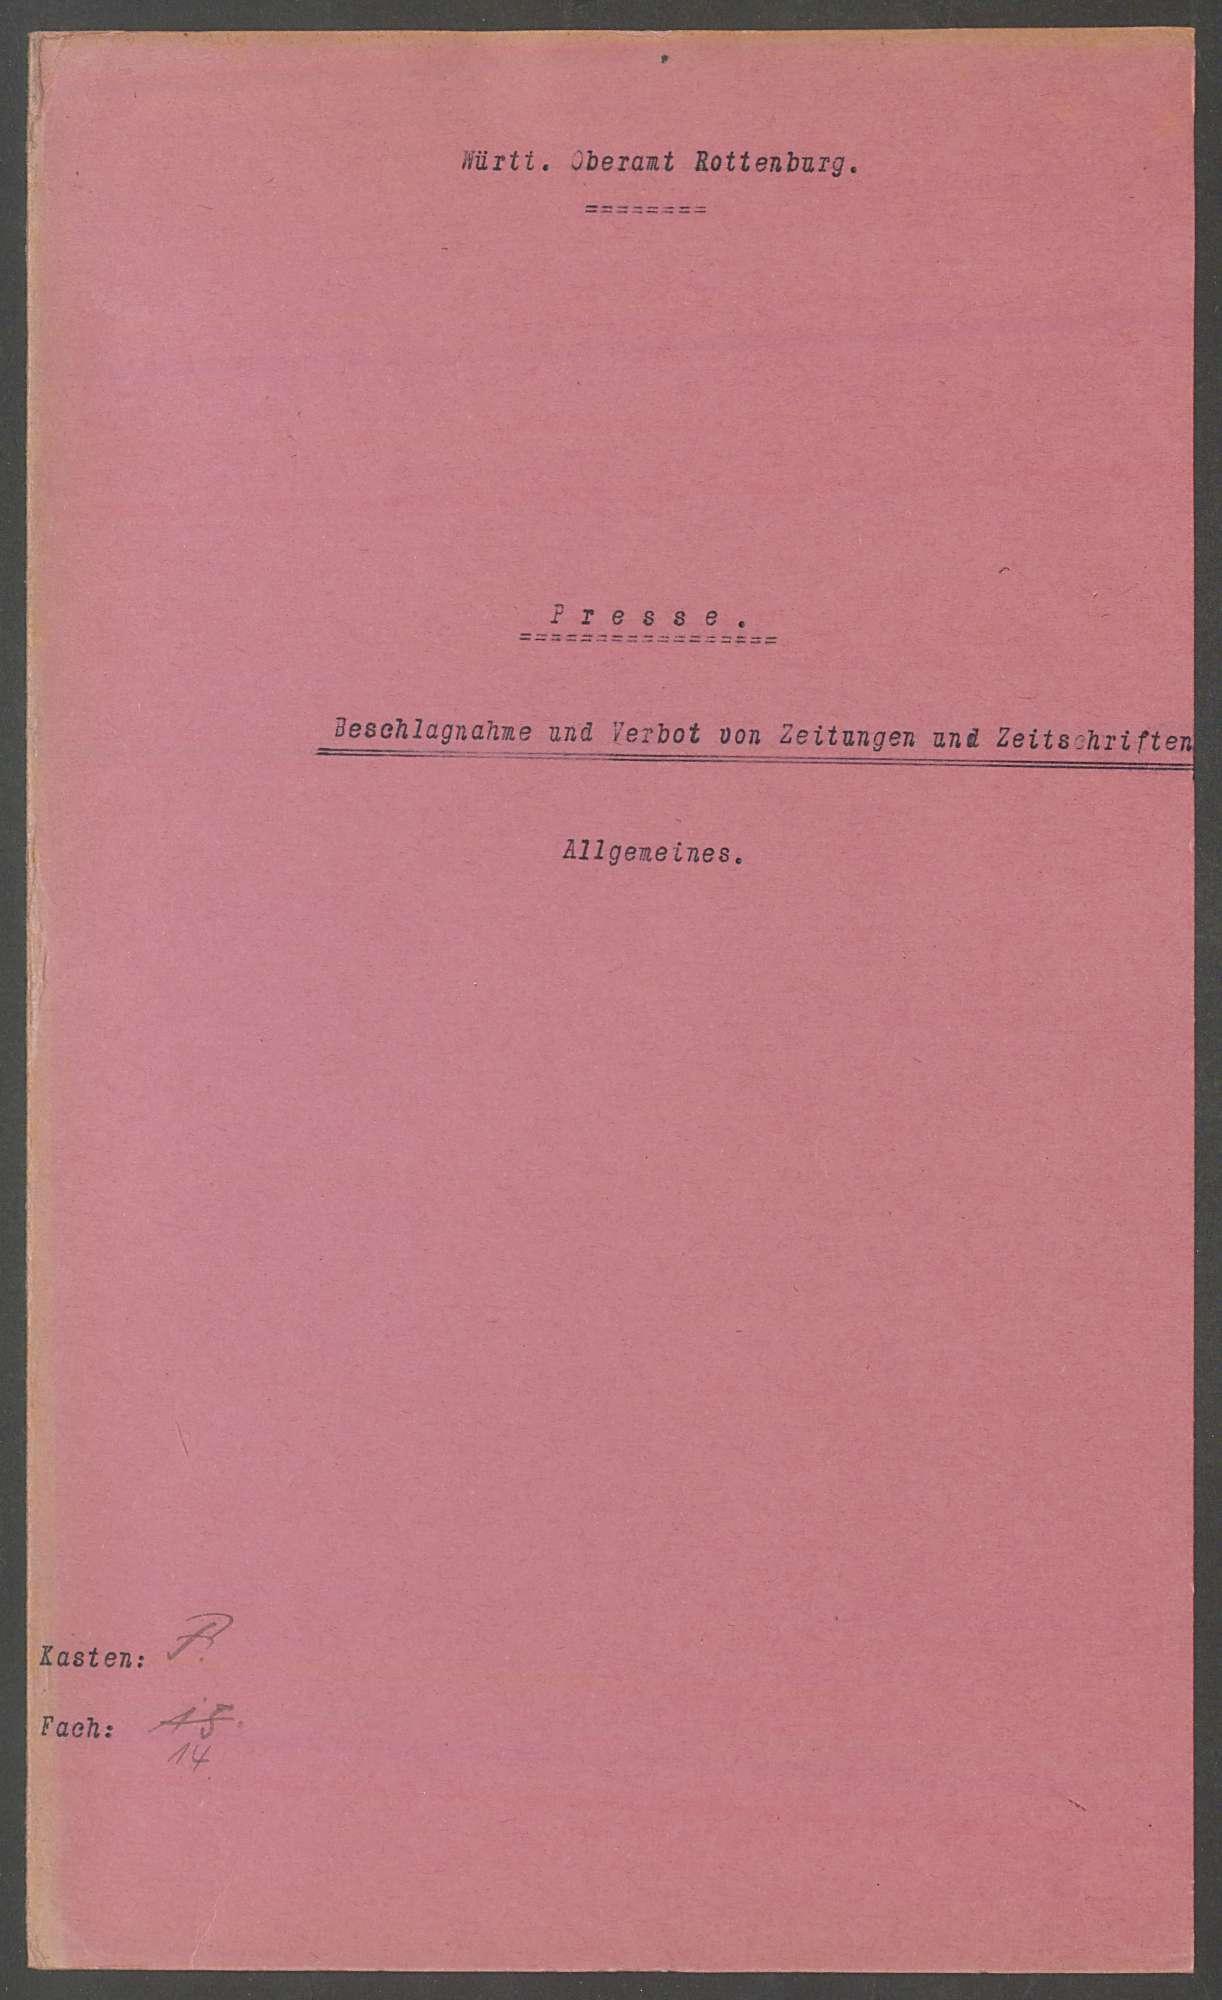 Beschlagnahme von Zeitschriften etc., Verbote, Bild 2